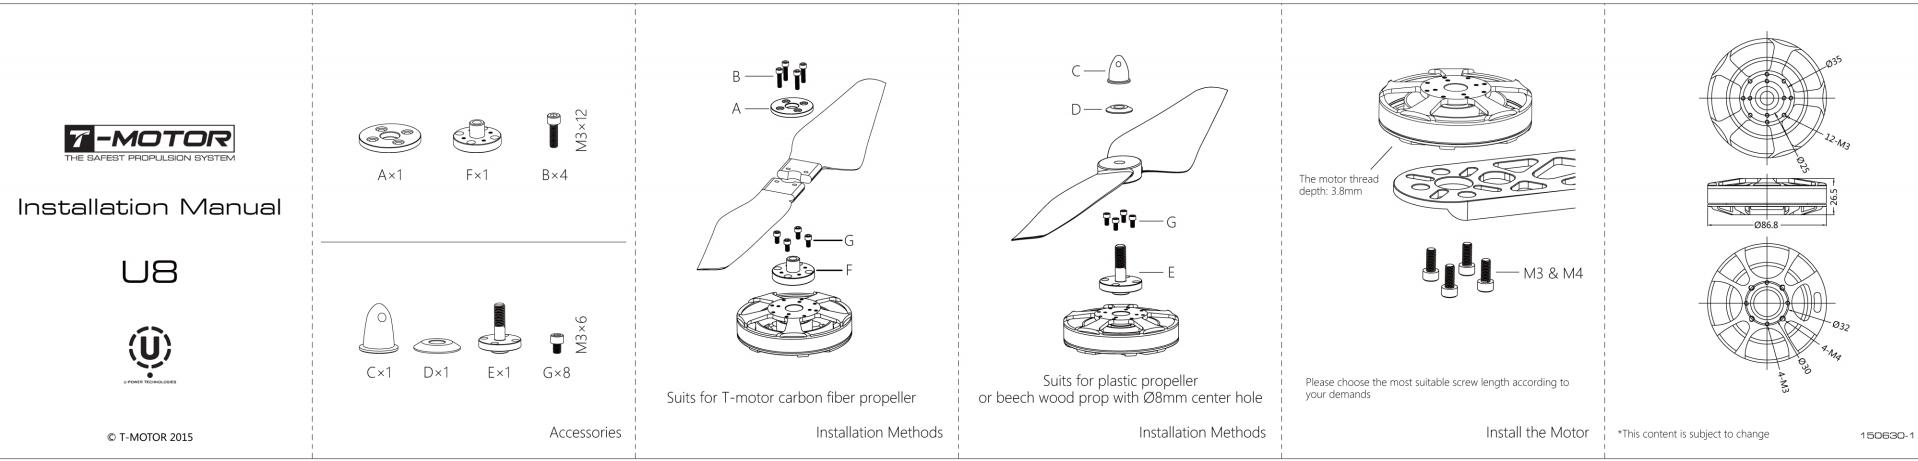 Инструкция по креплению мотора T-Motor U8 KV100